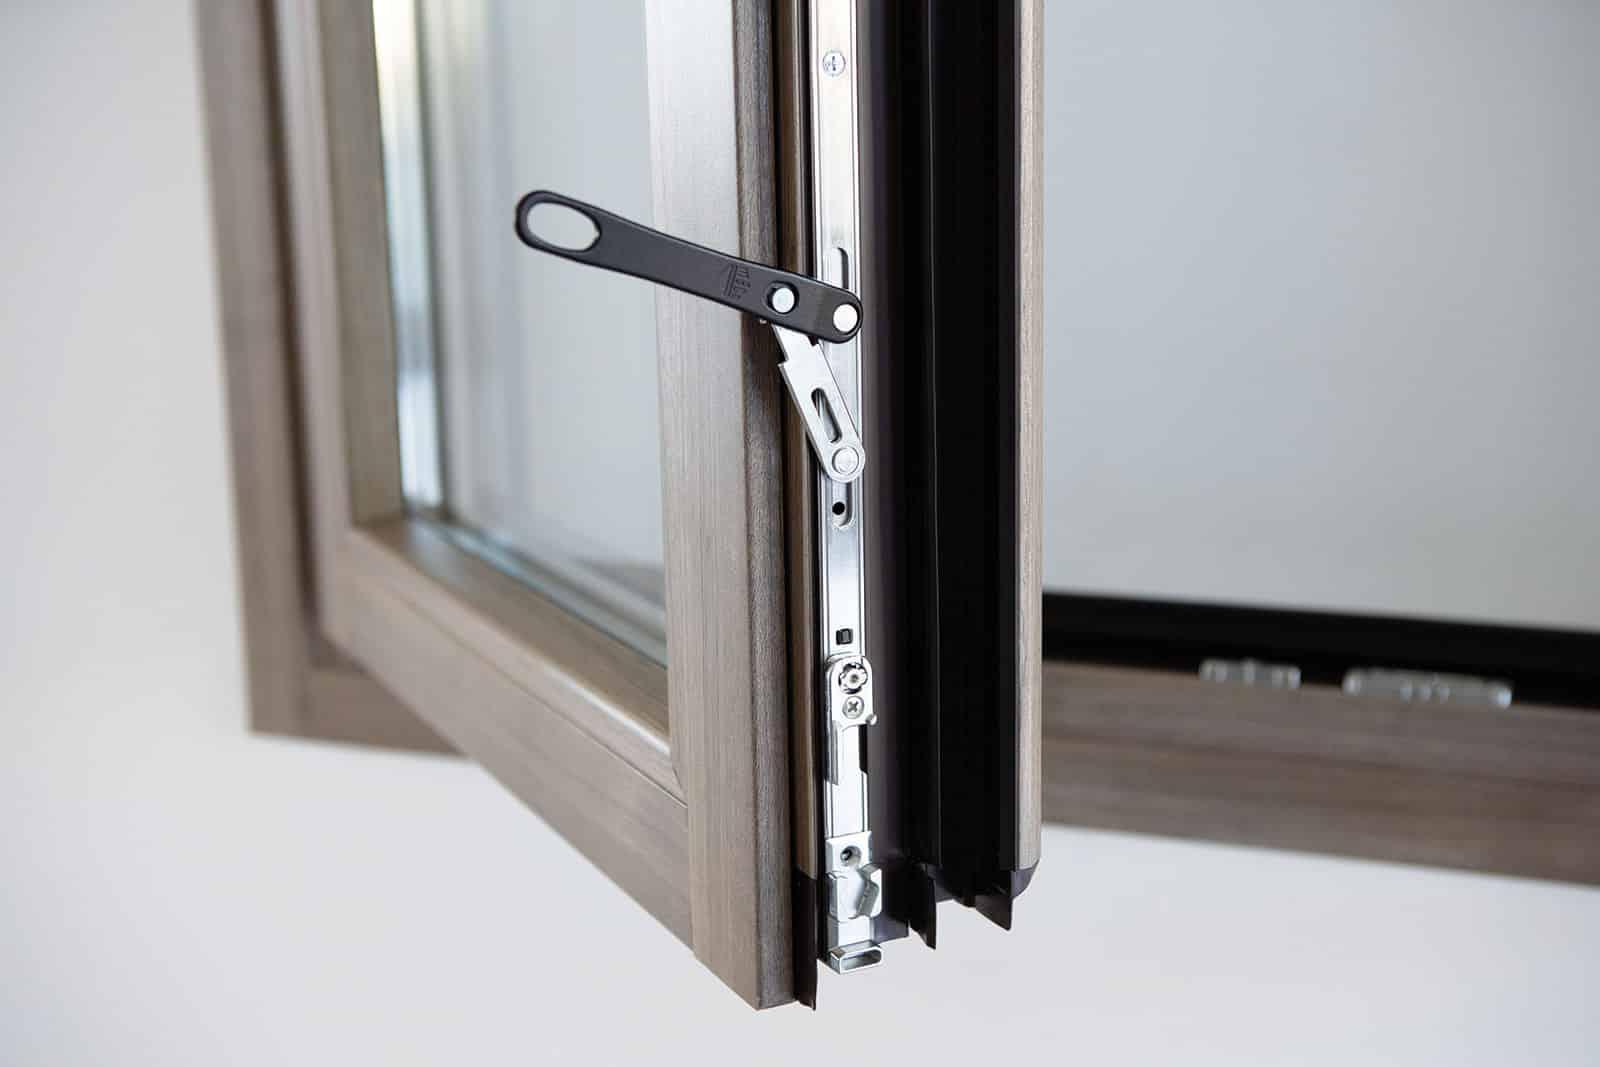 חלון PVC תוצרת אירופה - שיווק של חברת קונטור (Contur)